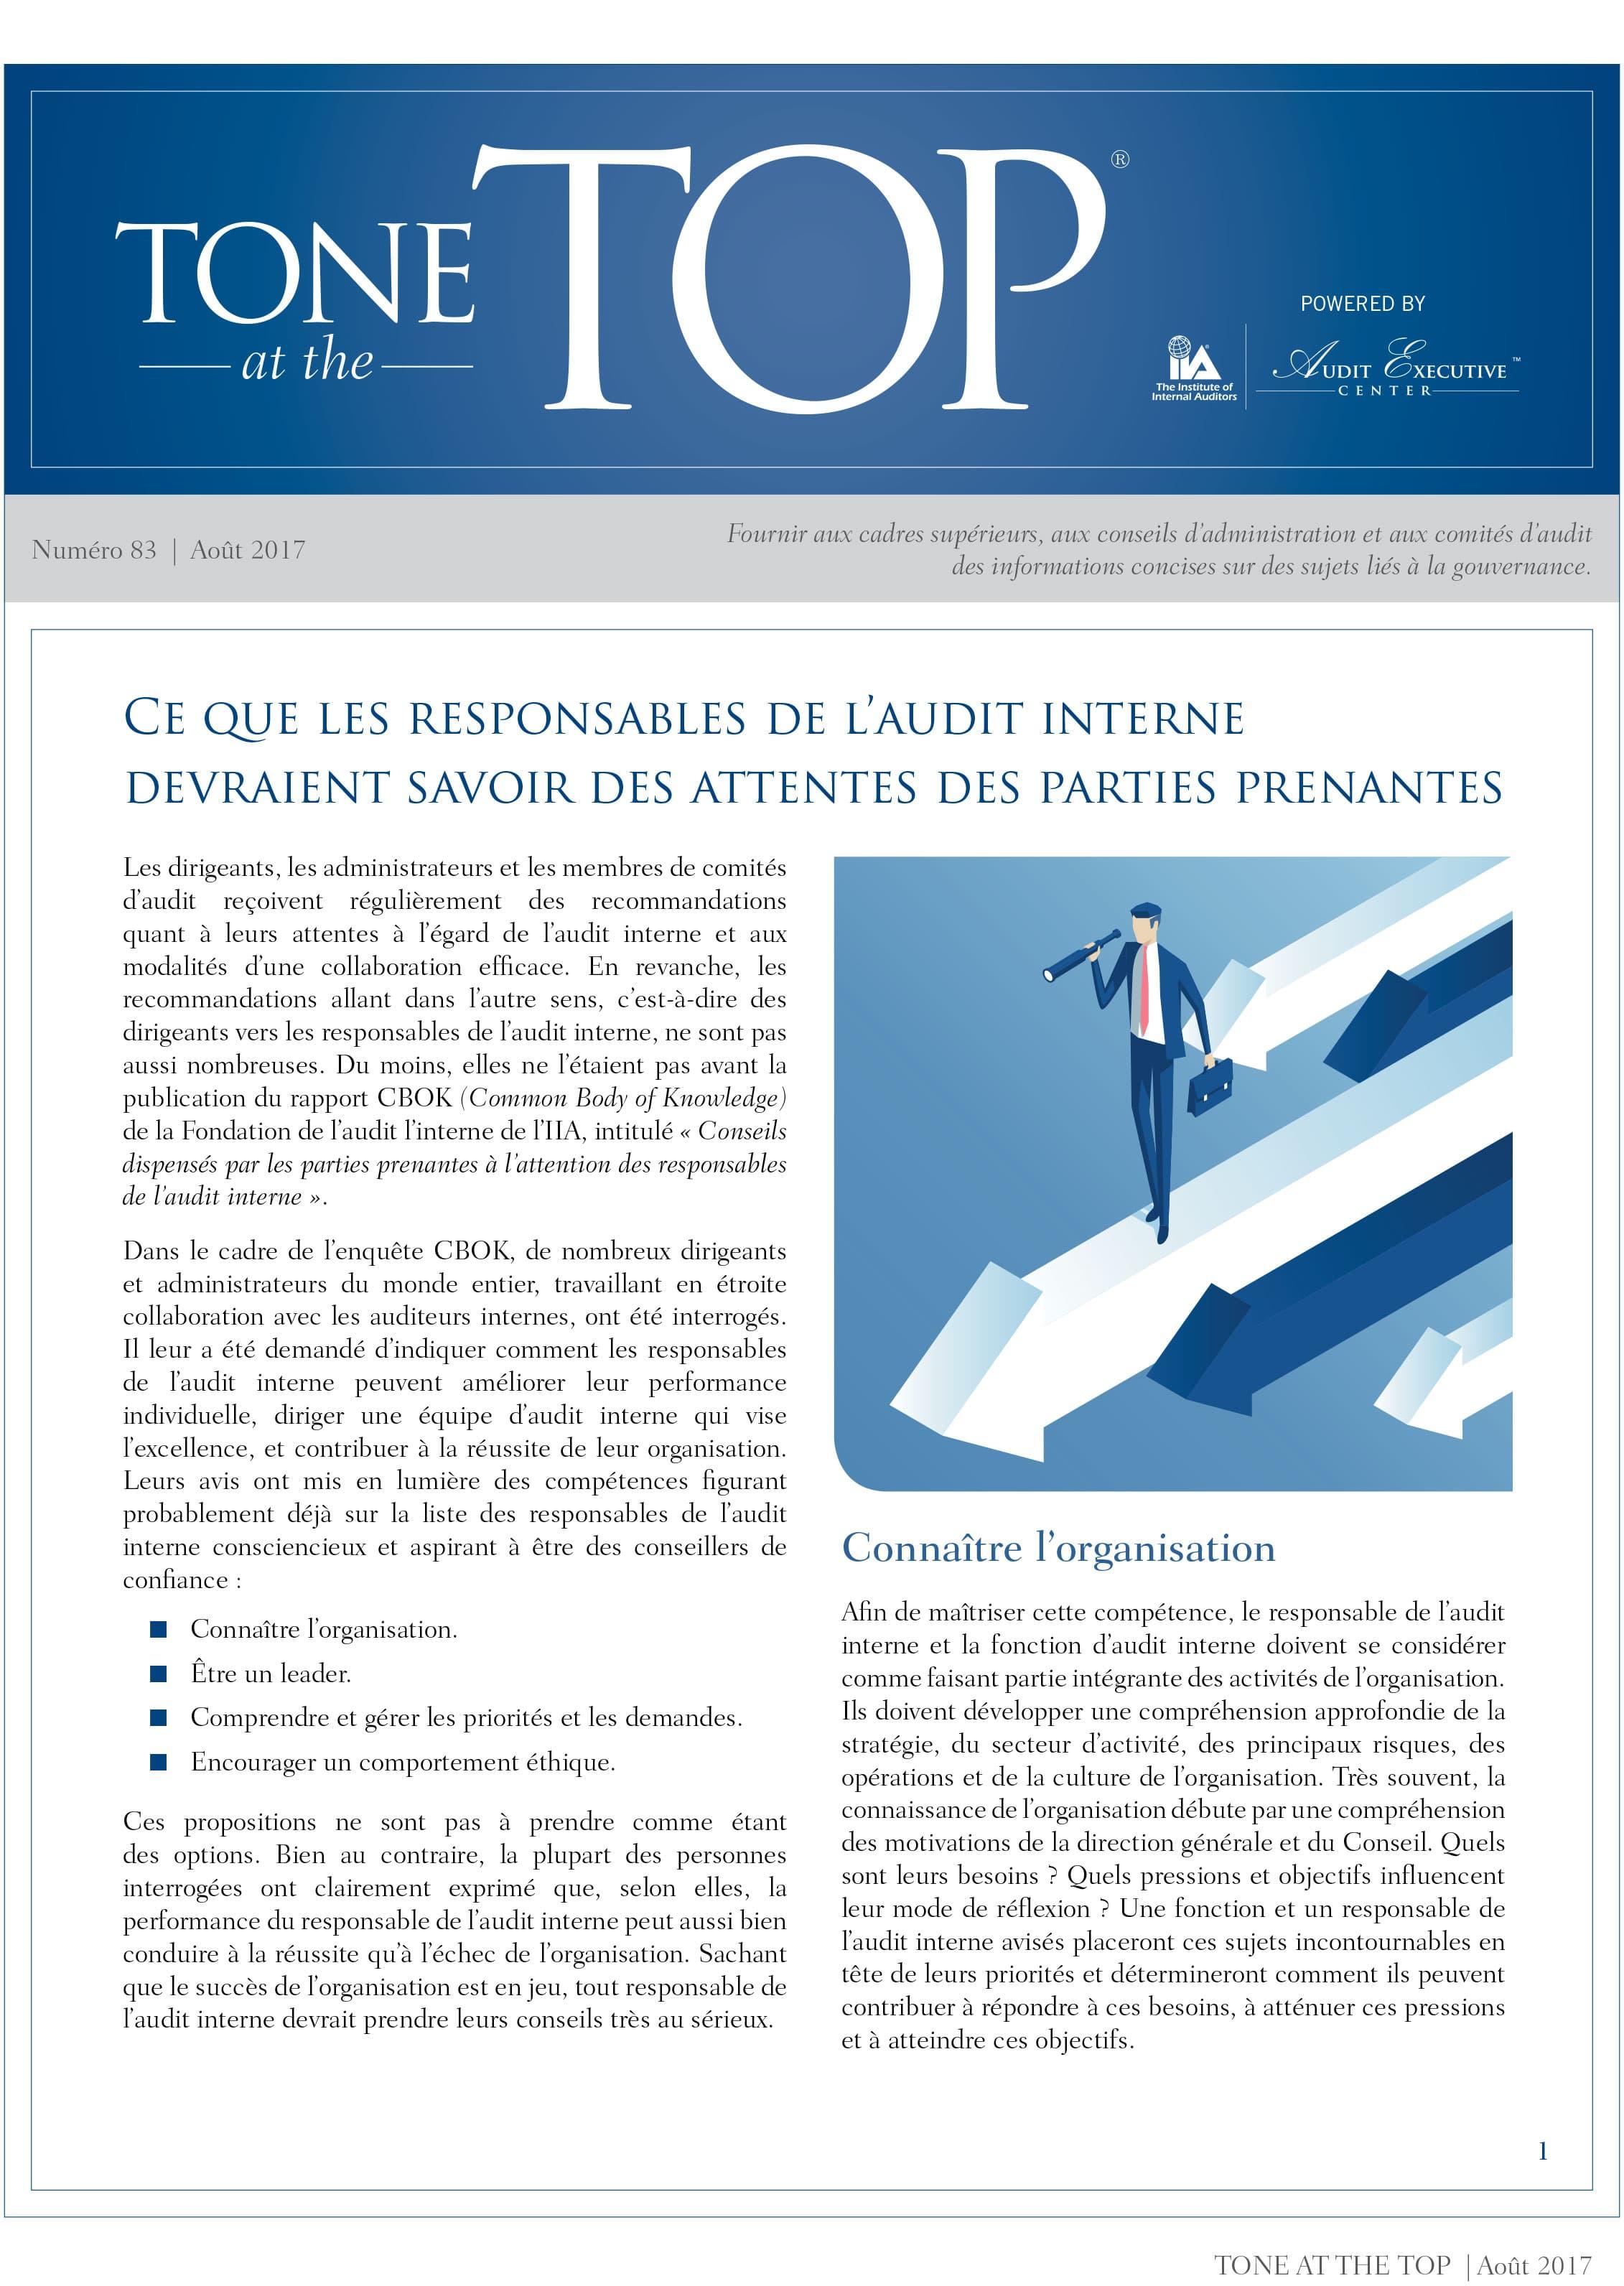 Ce que les responsables de l'audit interne devraient savoir sur les attentes des parties prenantes